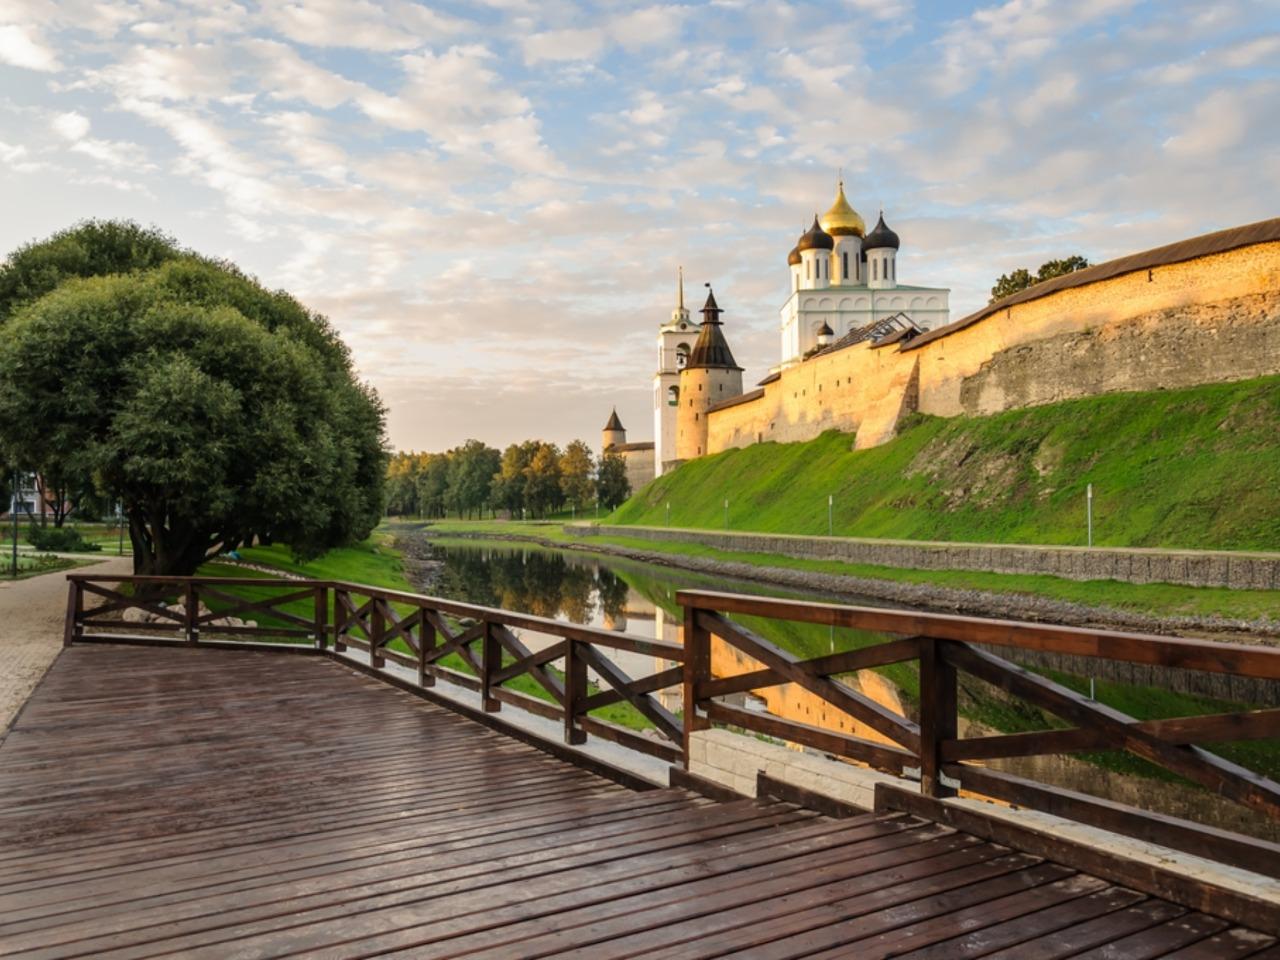 Любуемся Псковом! - индивидуальная экскурсия в Пскове от опытного гида